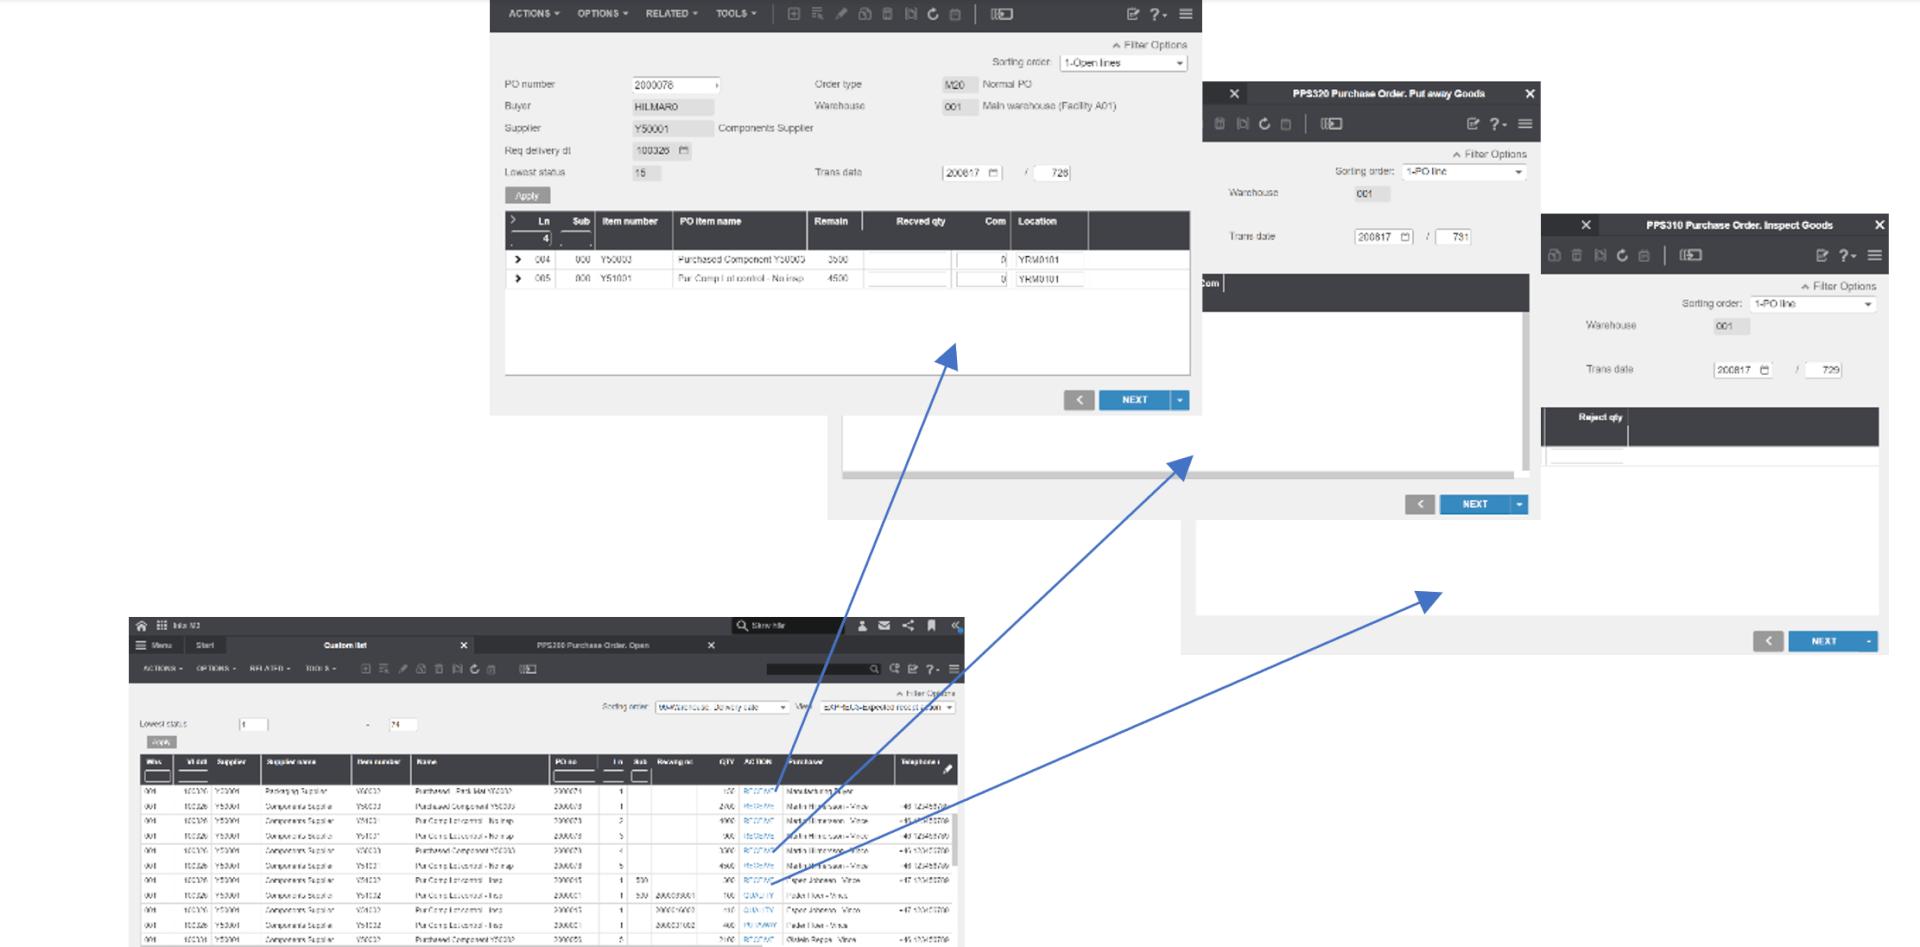 Infor m3 example window